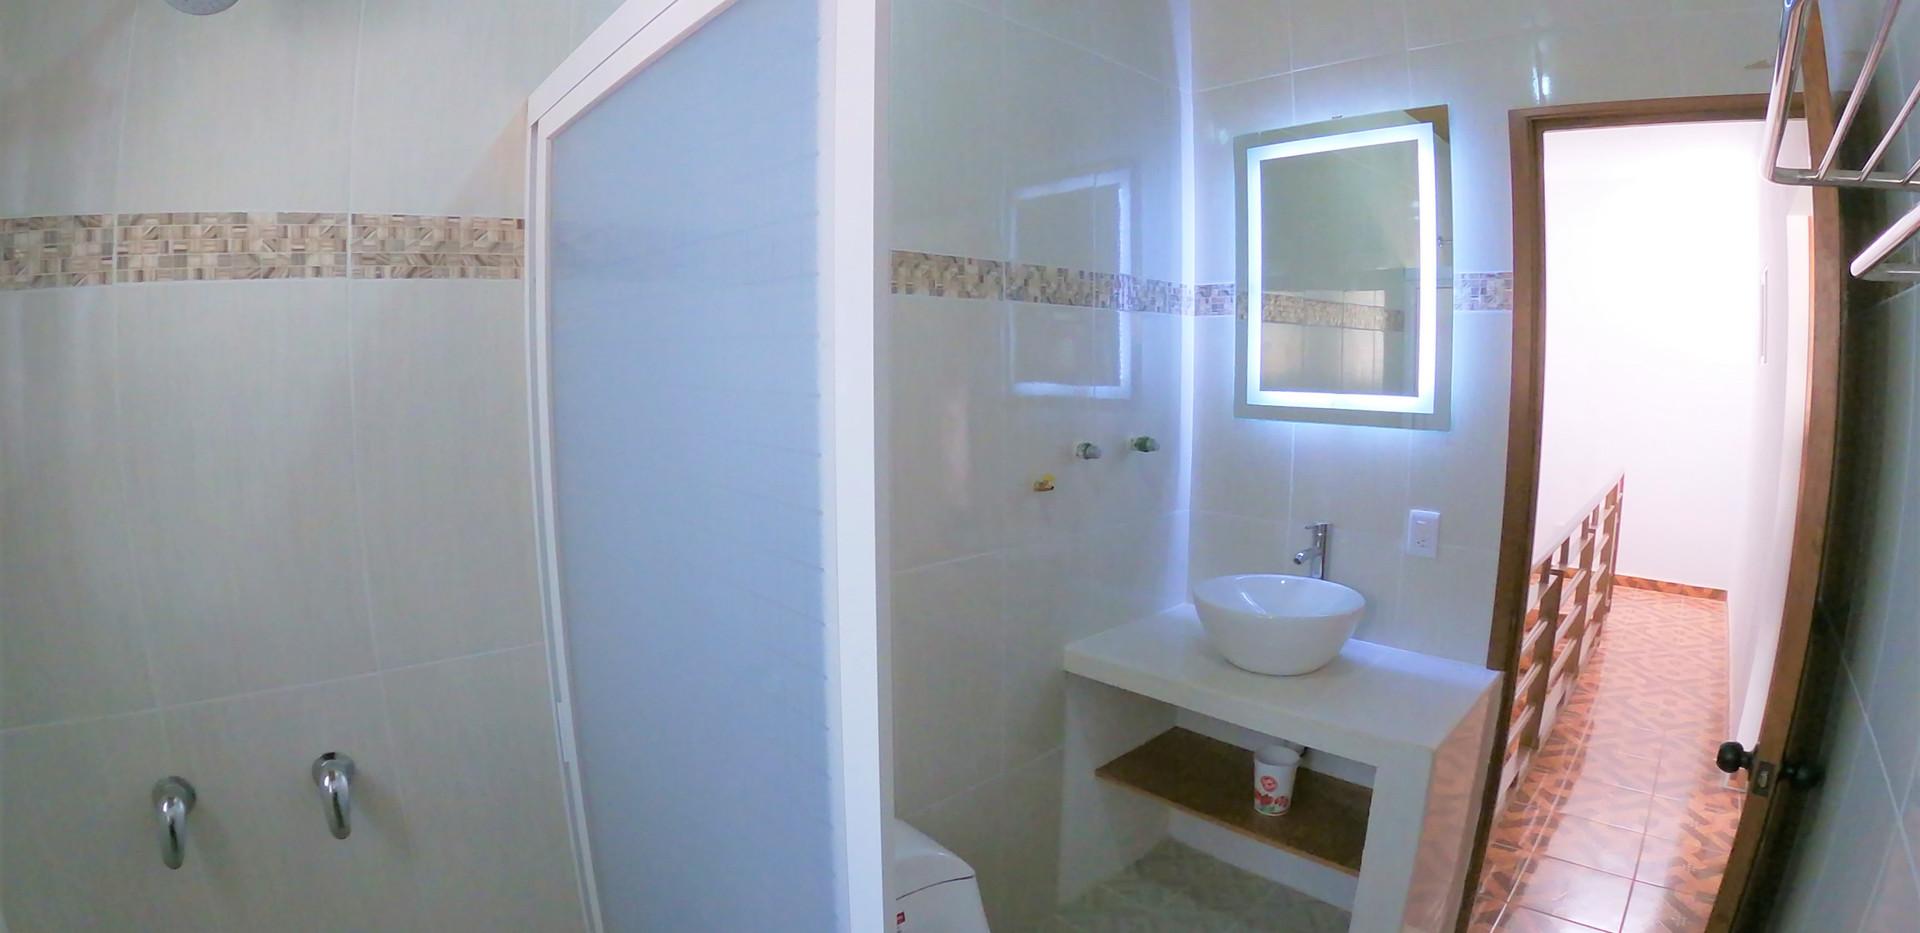 Second bathroom in third floor